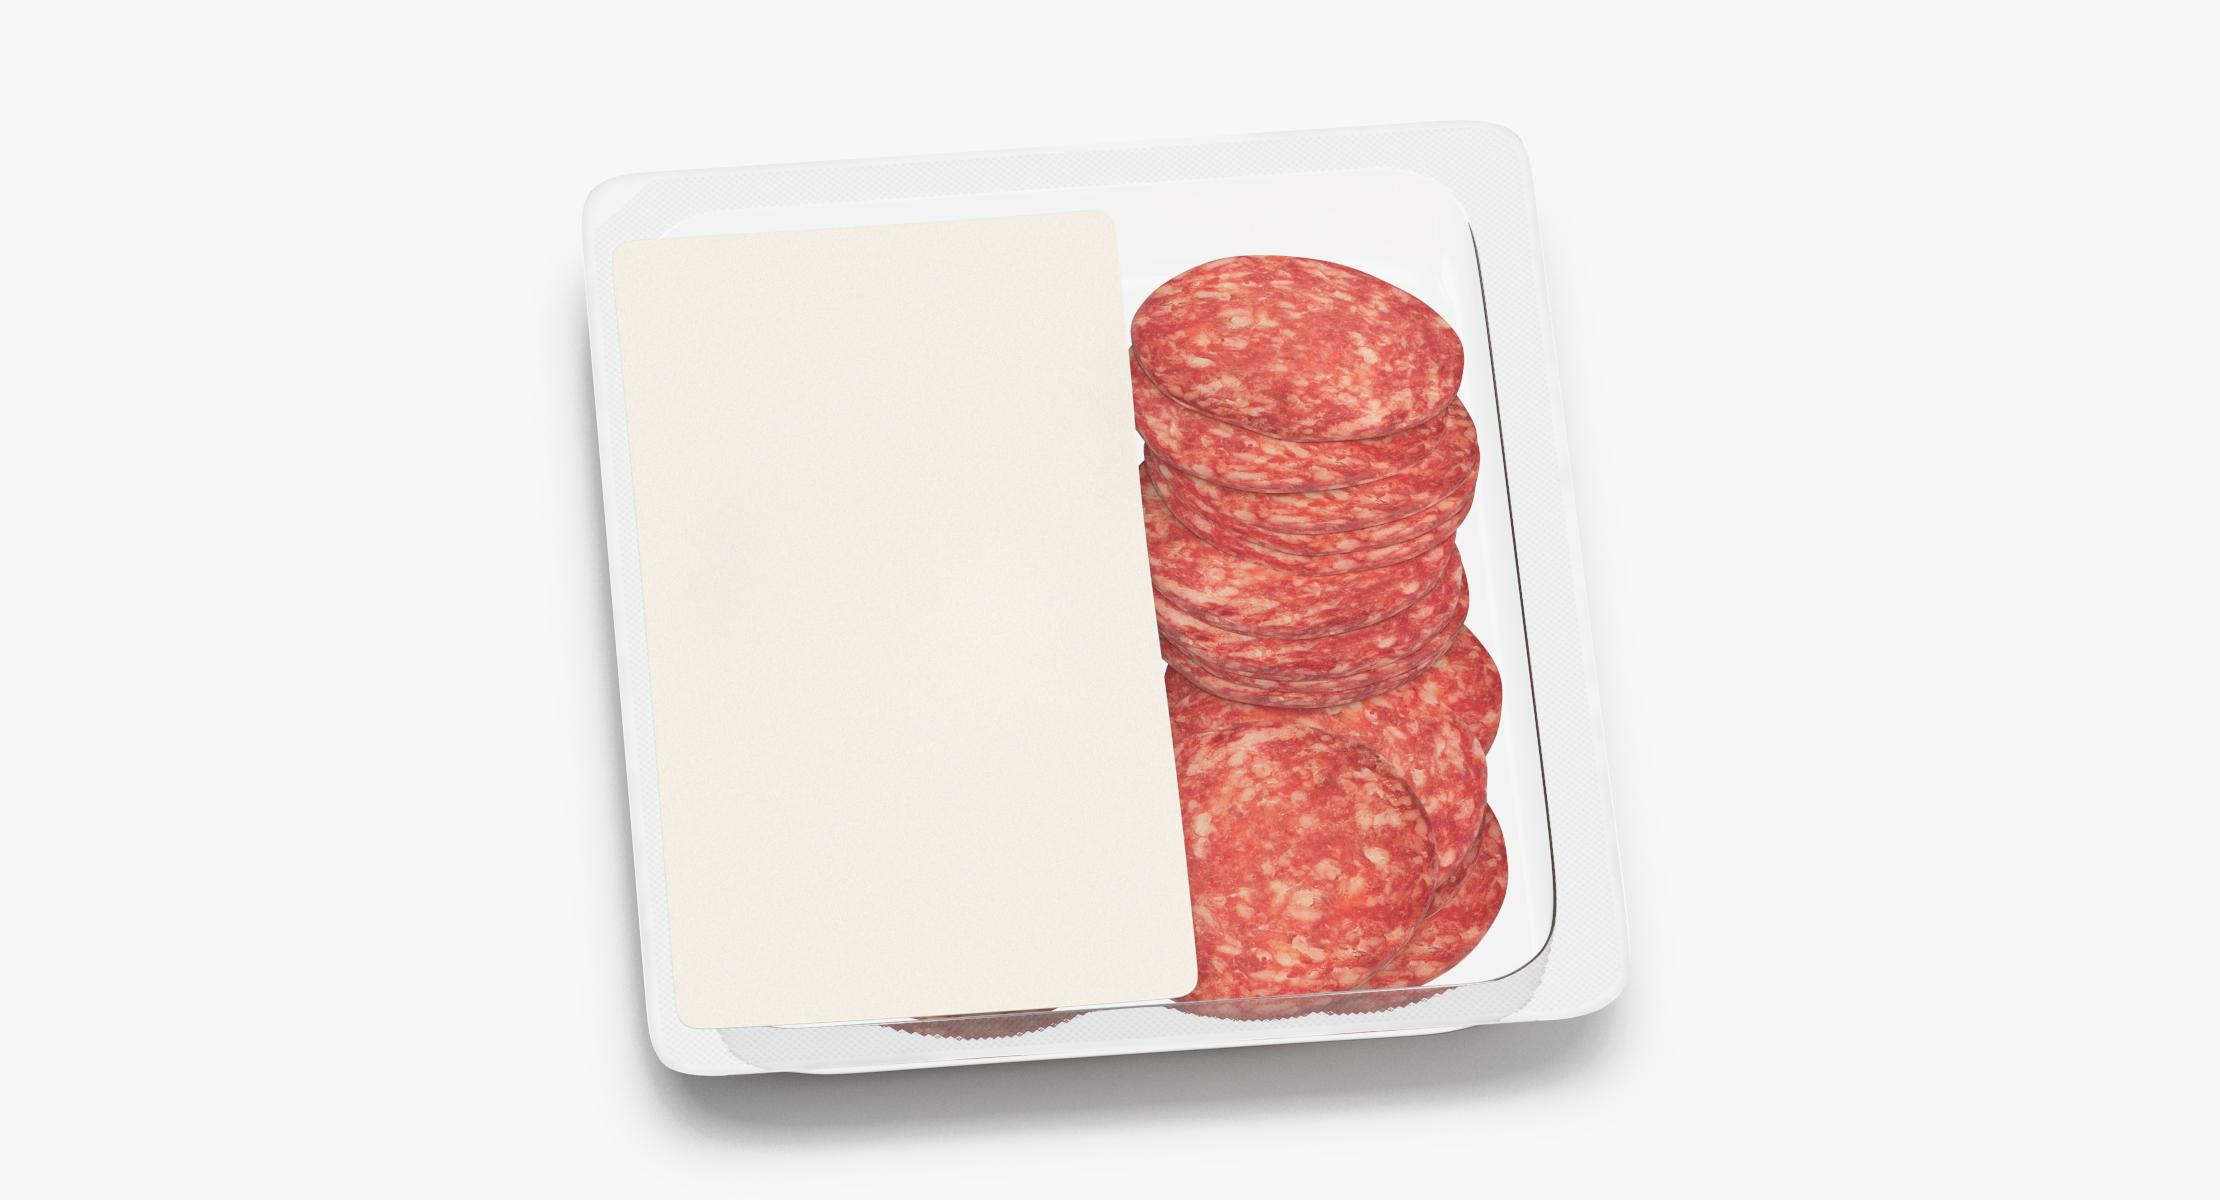 Meats Packaging 02 04 - reel 1